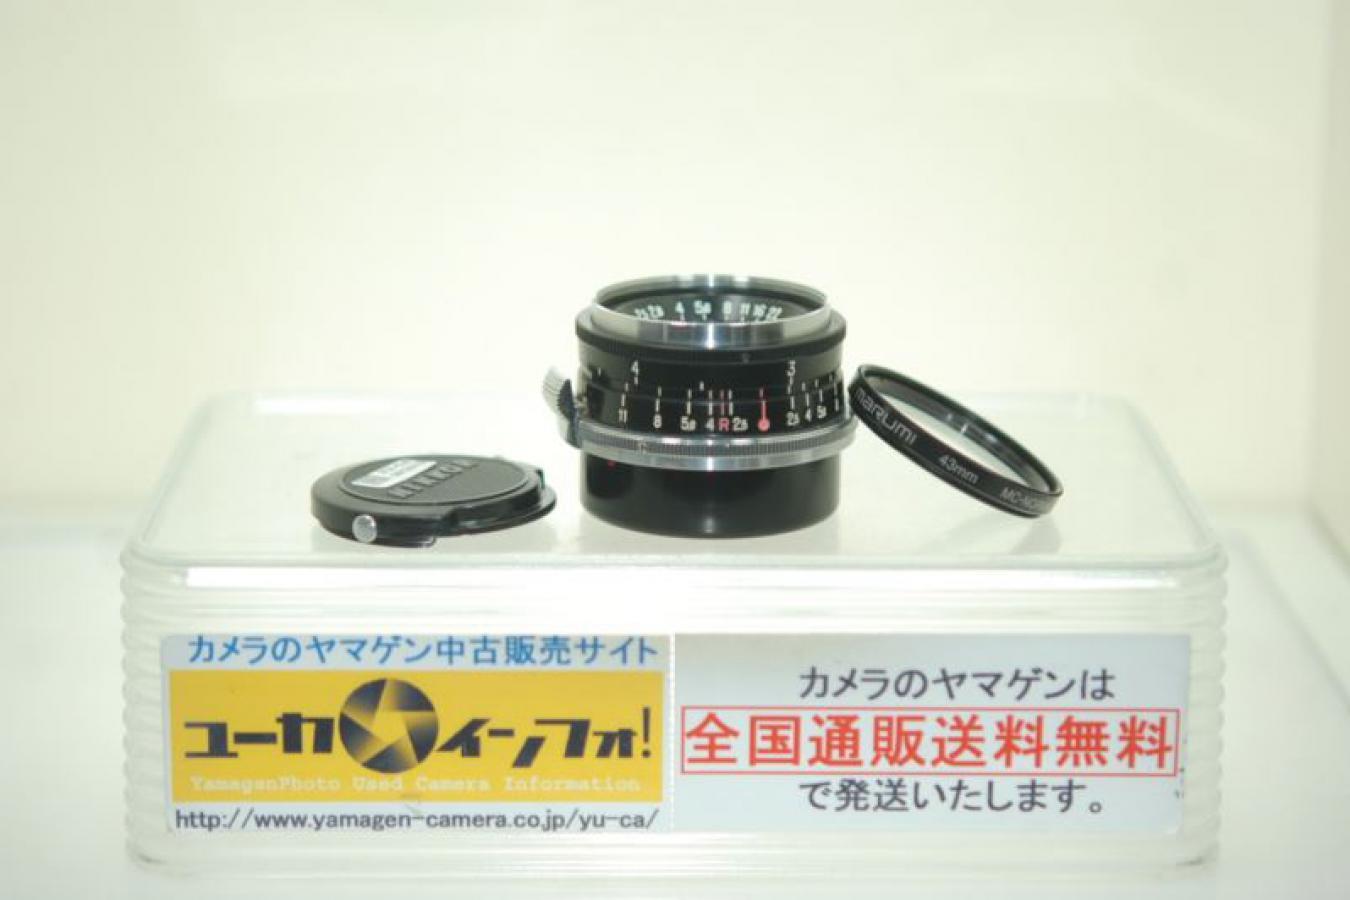 日本光学 W-NIKKOR・C 3.5cm F2.5 【ニコンSマウントレンズ】 ※43?マルミ製MCノーマルフィルター付